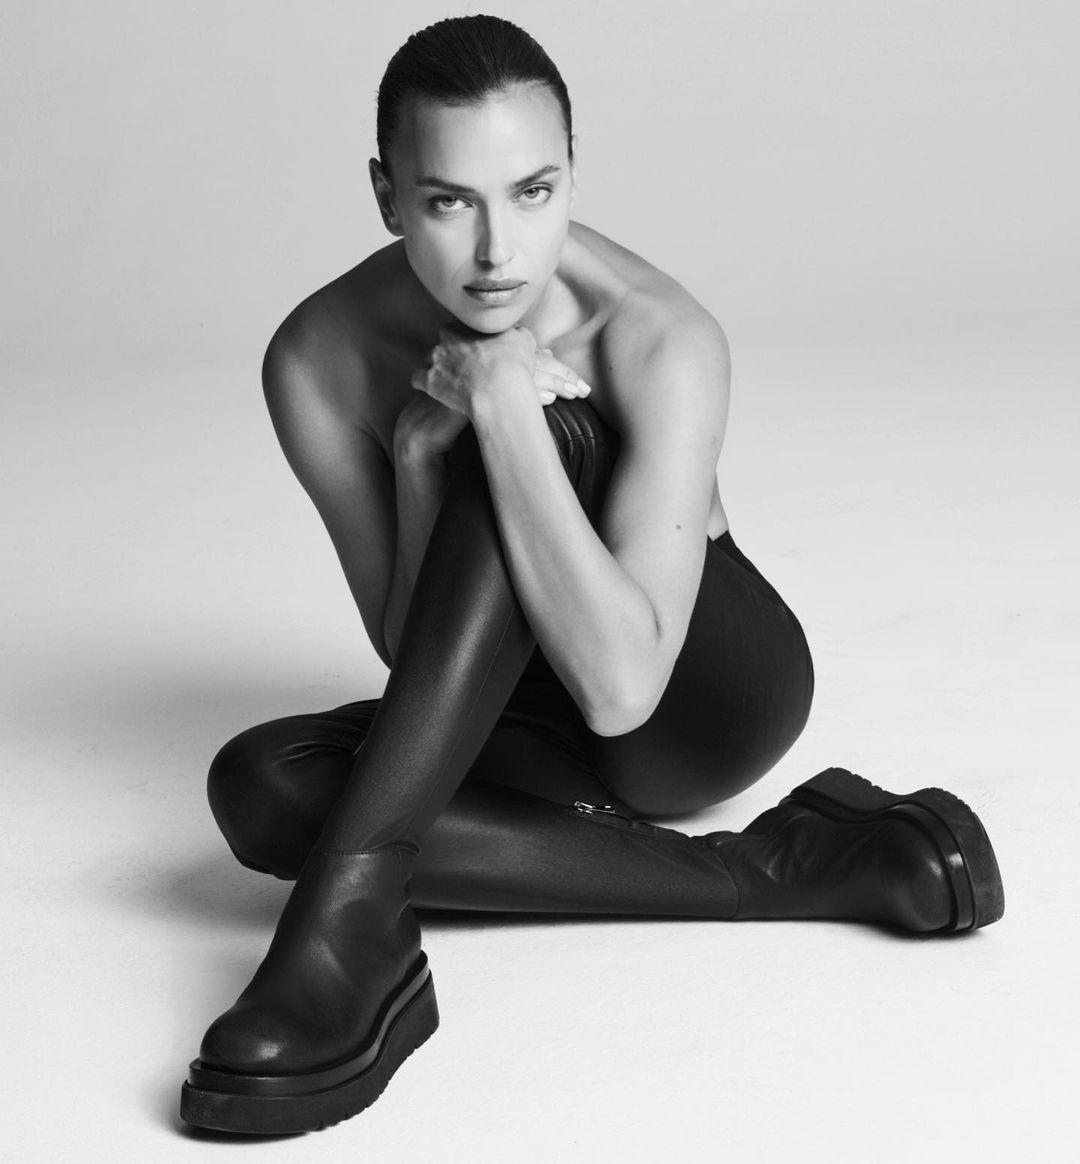 FOTOS ¡Irina Shayk prácticamente inventó botas!